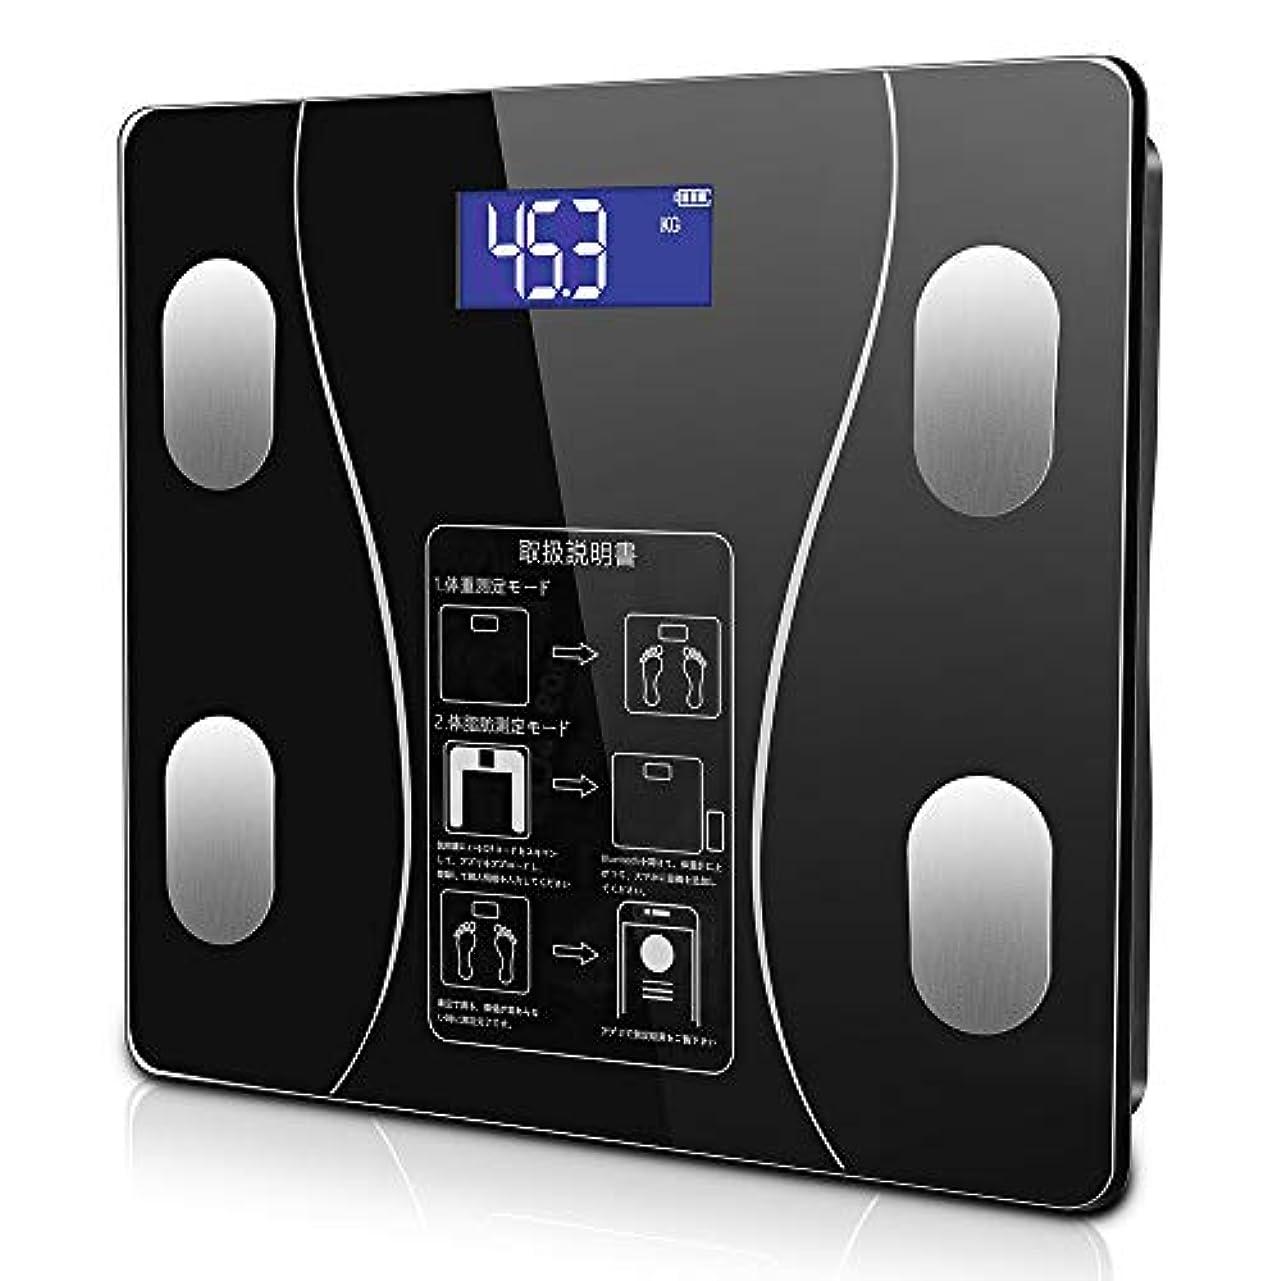 セント予想外マカダム体重計 体脂肪計 体組成計 ヘルスメーター Bluetooth LCDデジタル表示 強化ガラス 高精度センサー スマートスケール 体重/体脂肪率/BMI/BMR/体内水分/骨量/骨格筋など測定 健康管理